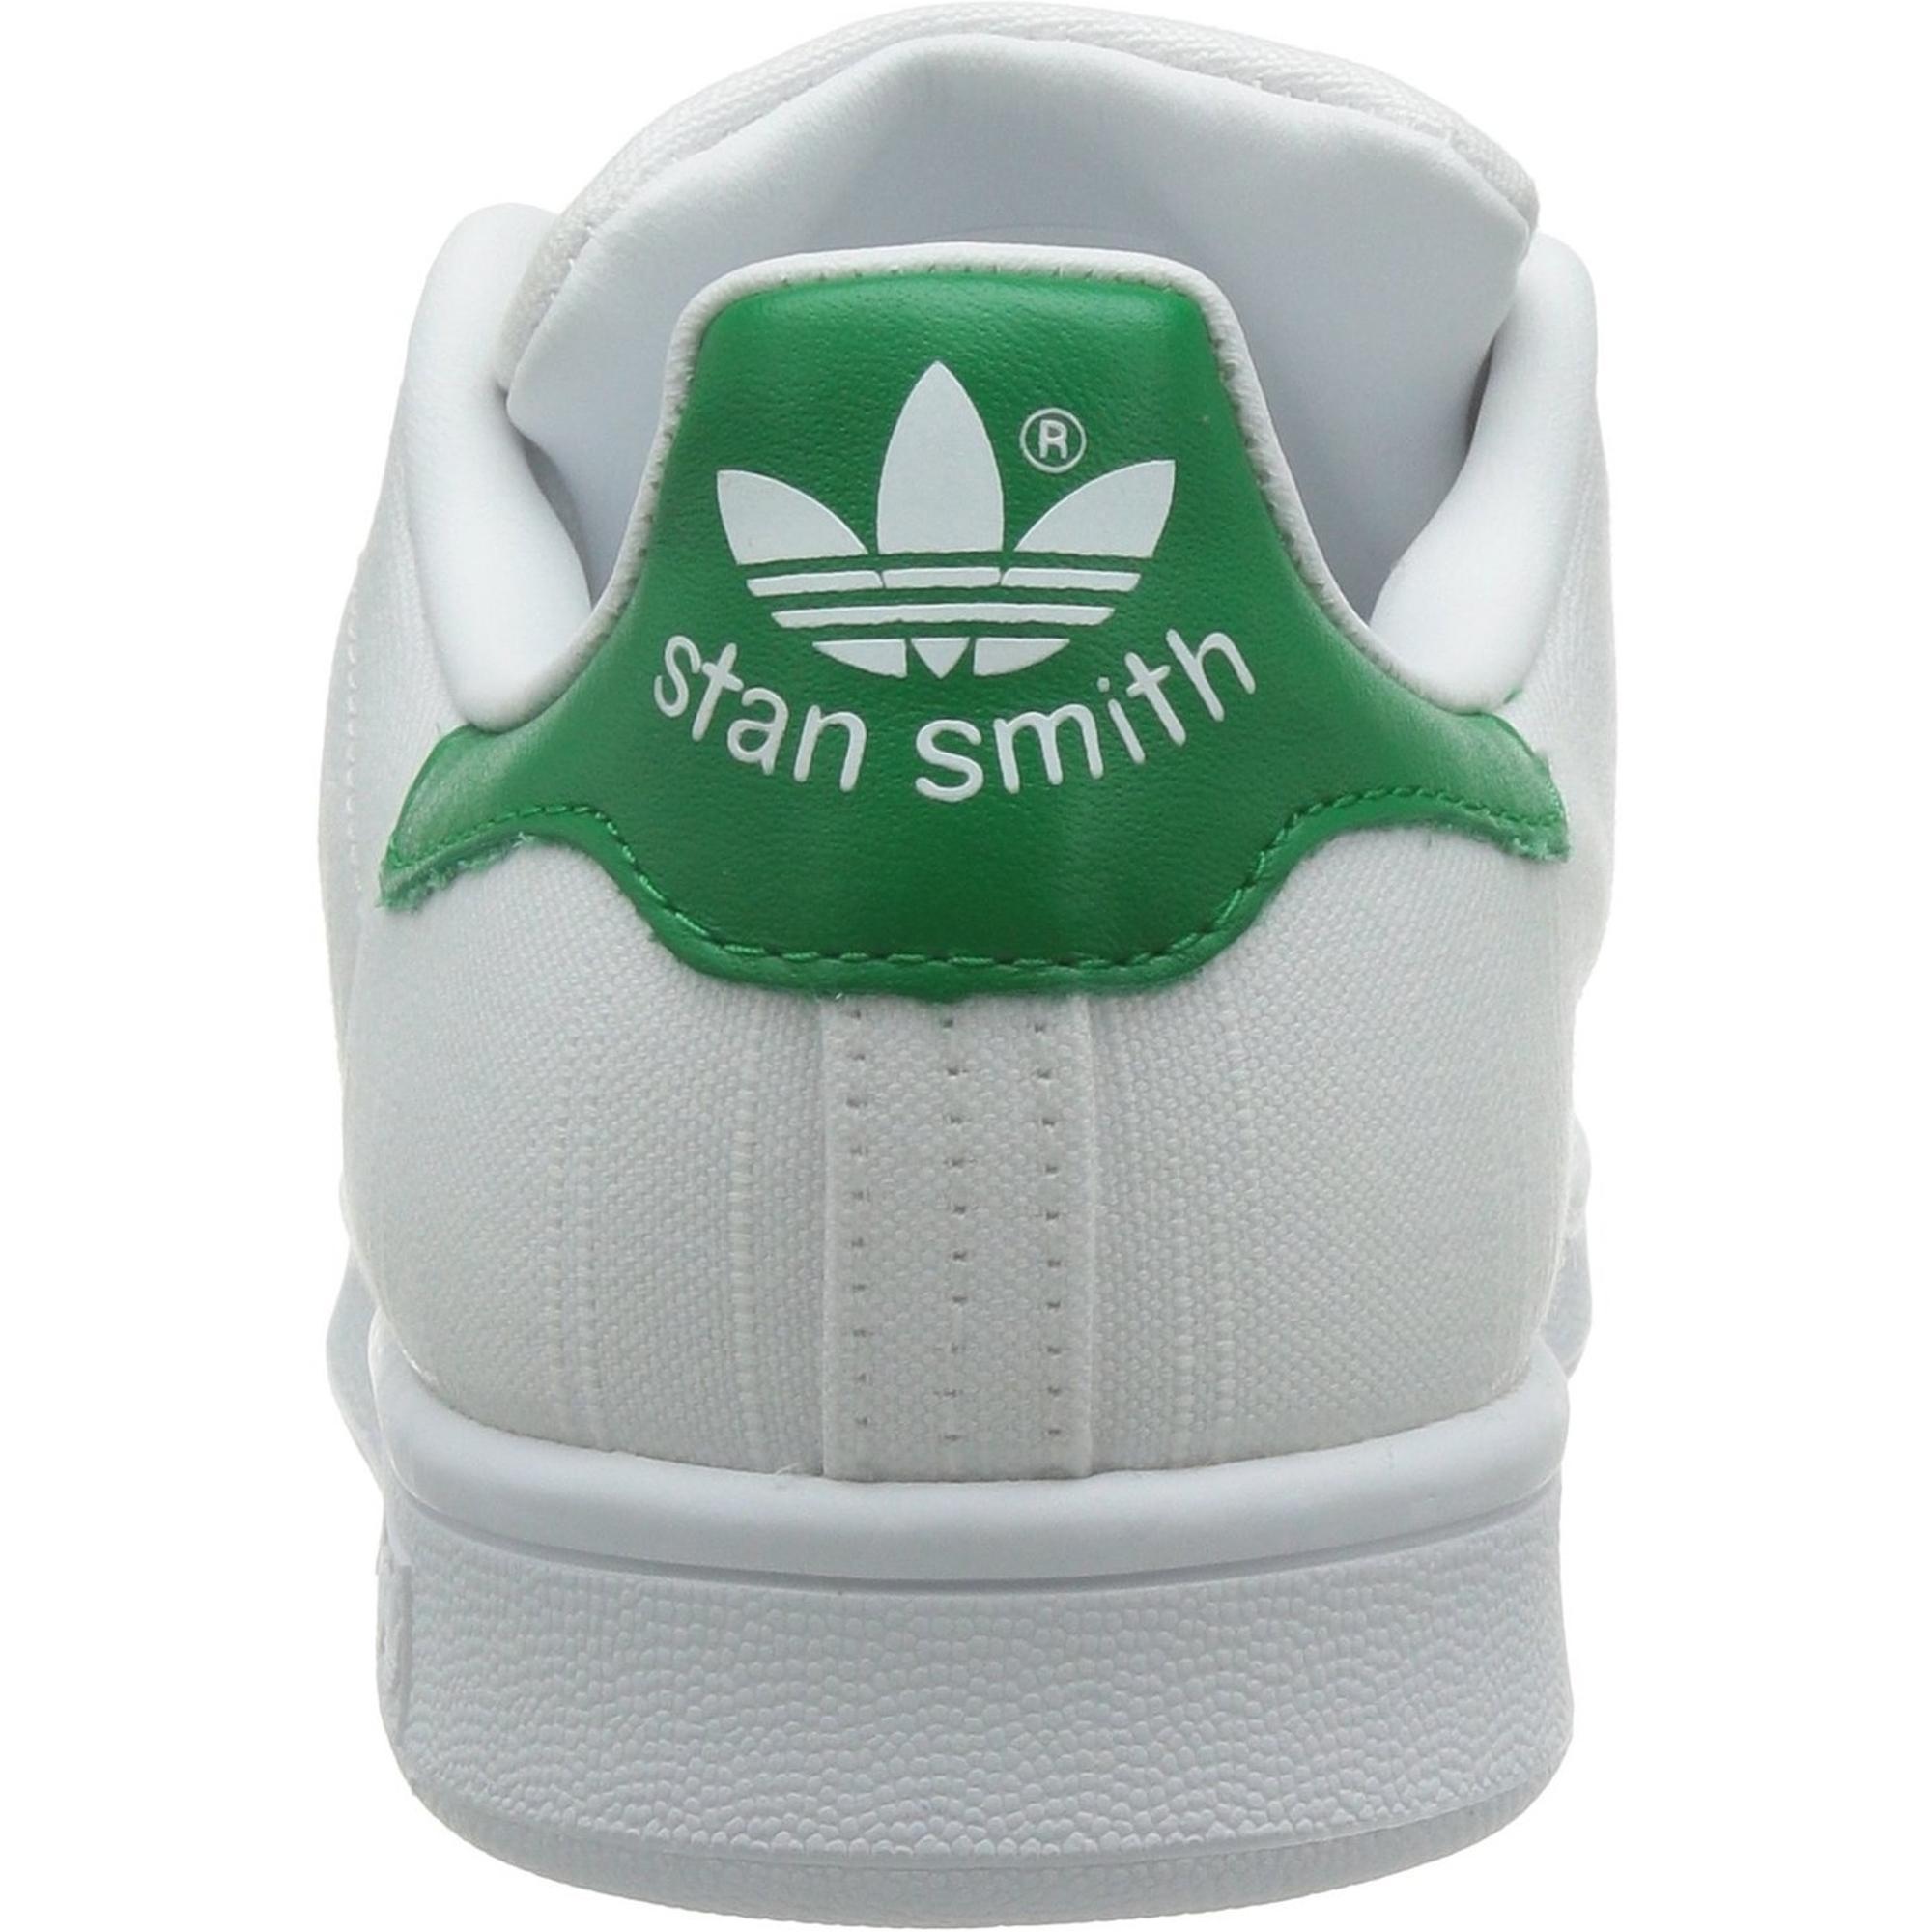 adidas Stan Smith Damen Sneaker, Grün WeißGrün Größe